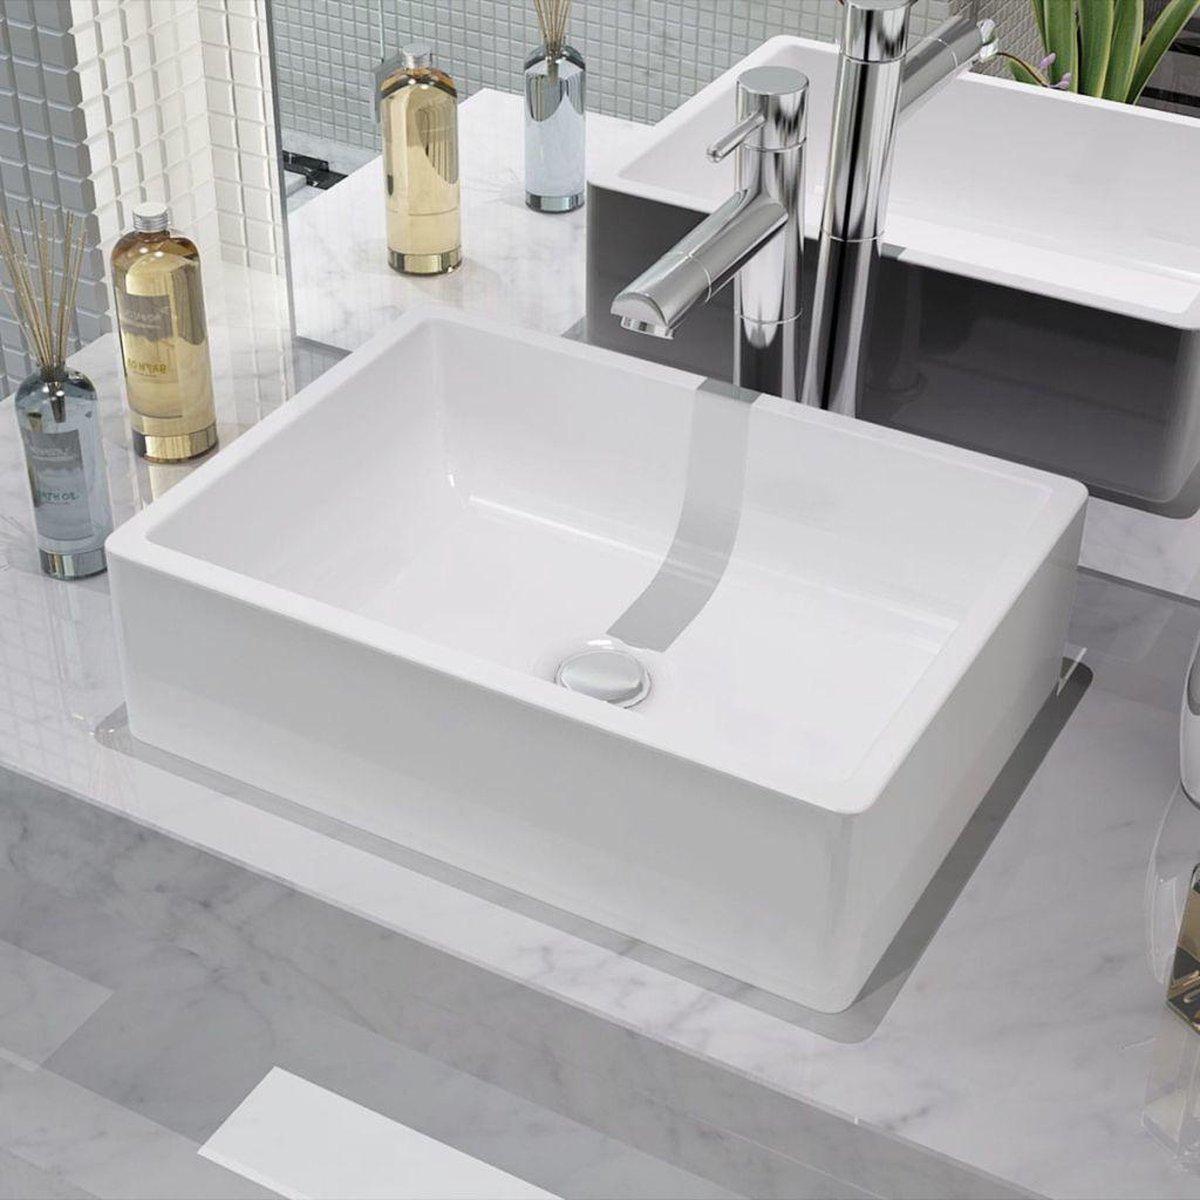 Wastafelbak waskom wasbak badkamer bak voor wastafel wit rechthoek